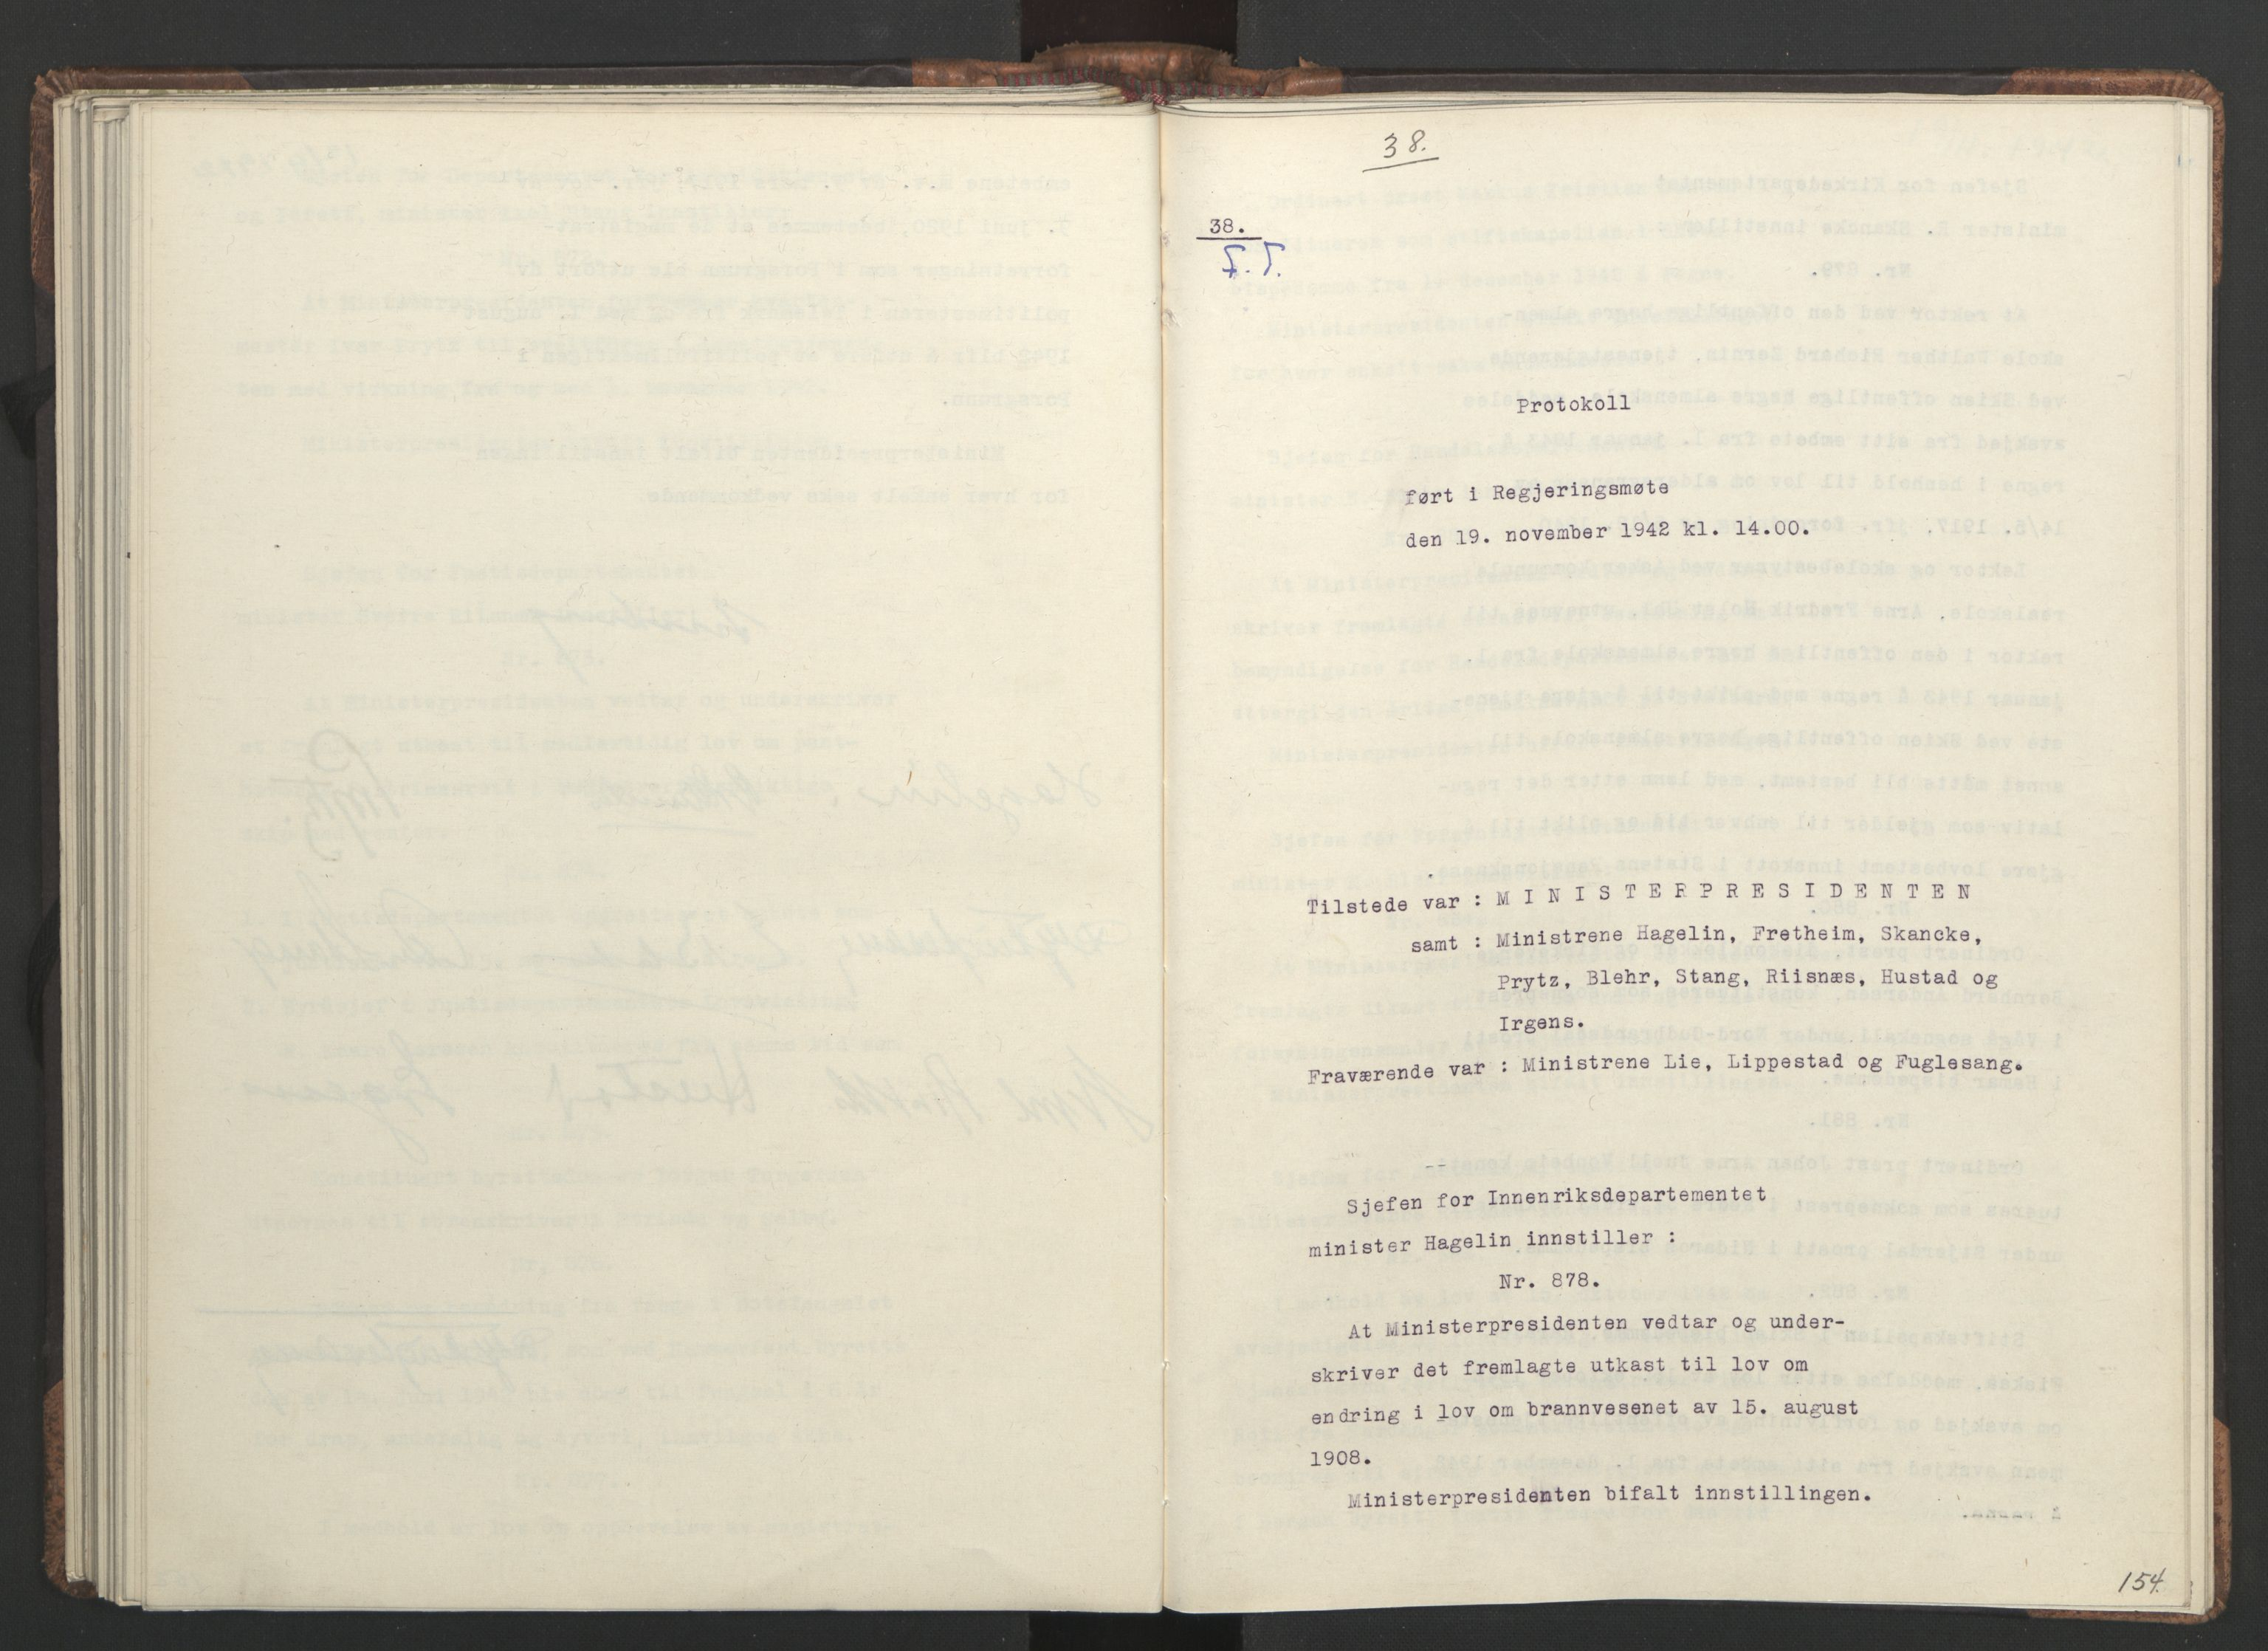 RA, NS-administrasjonen 1940-1945 (Statsrådsekretariatet, de kommisariske statsråder mm), D/Da/L0001: Beslutninger og tillegg (1-952 og 1-32), 1942, s. 153b-154a